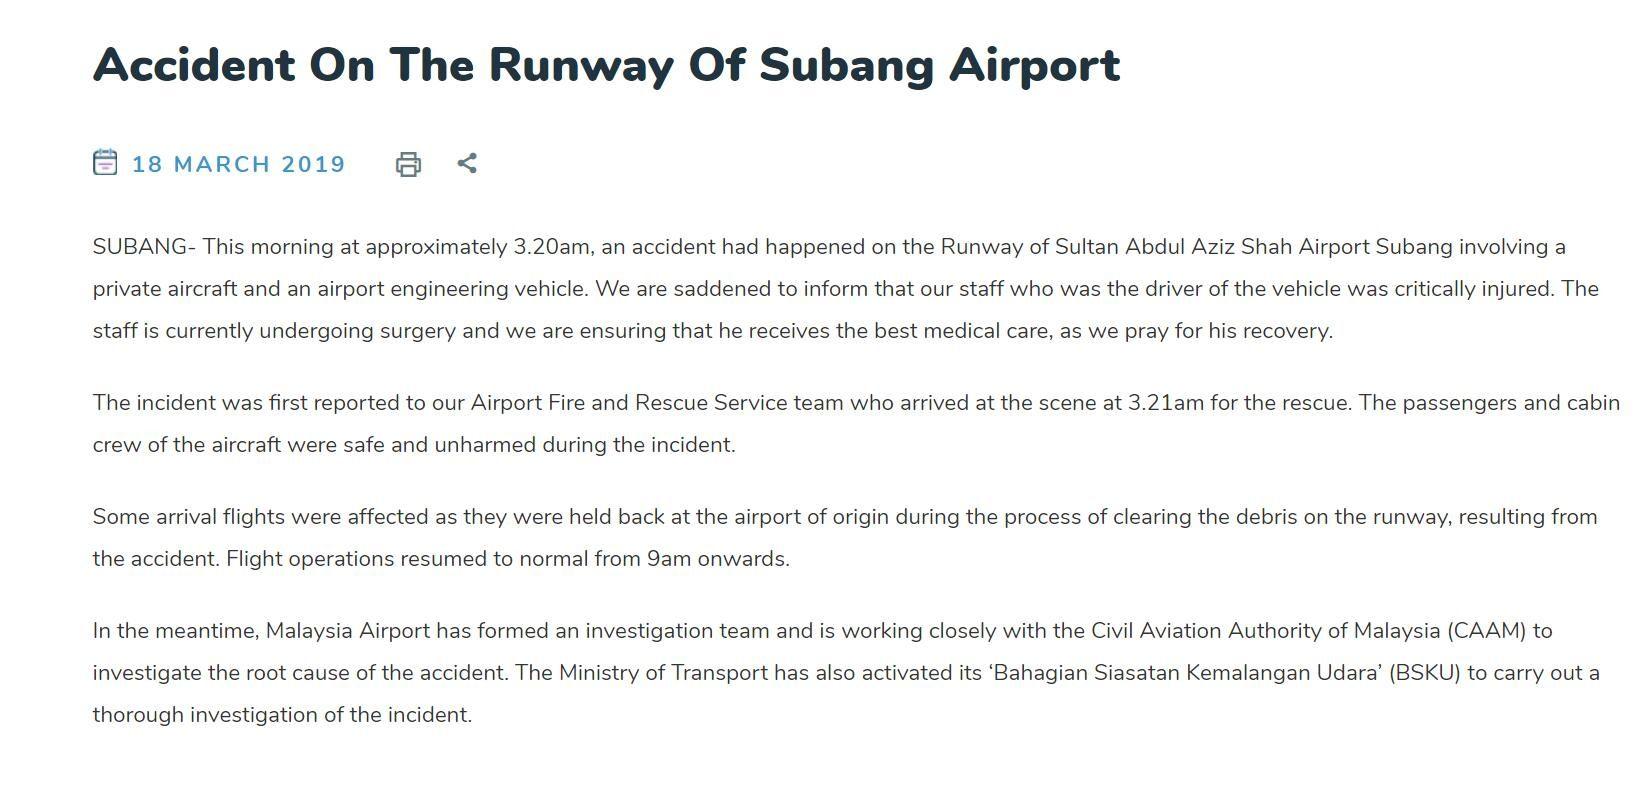 马来西亚机场公司18日公告